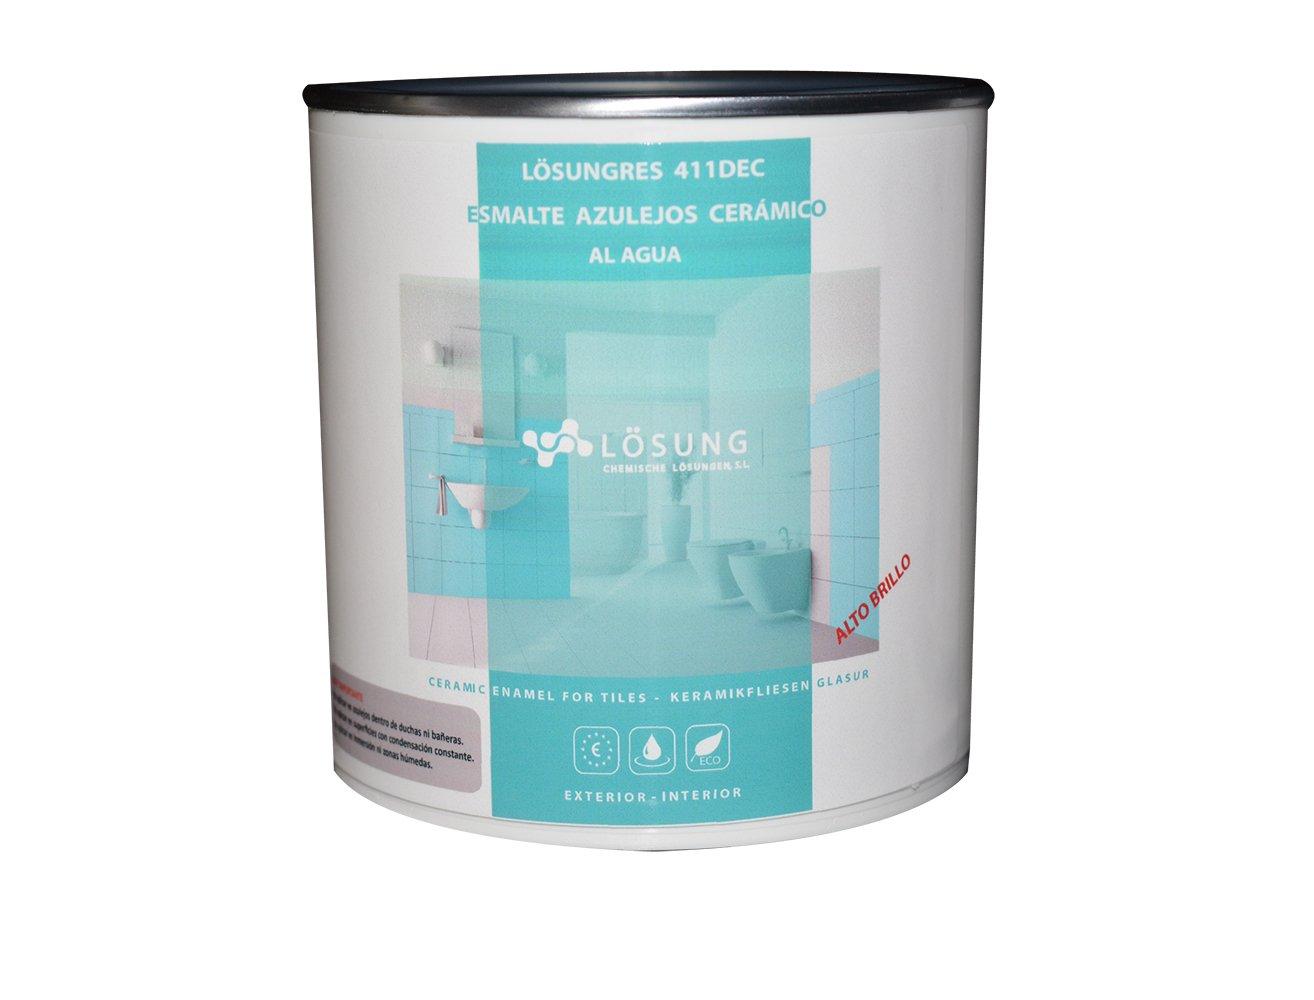 Esmalte azulejos cerá mico (3 L) Chemische Lösungen